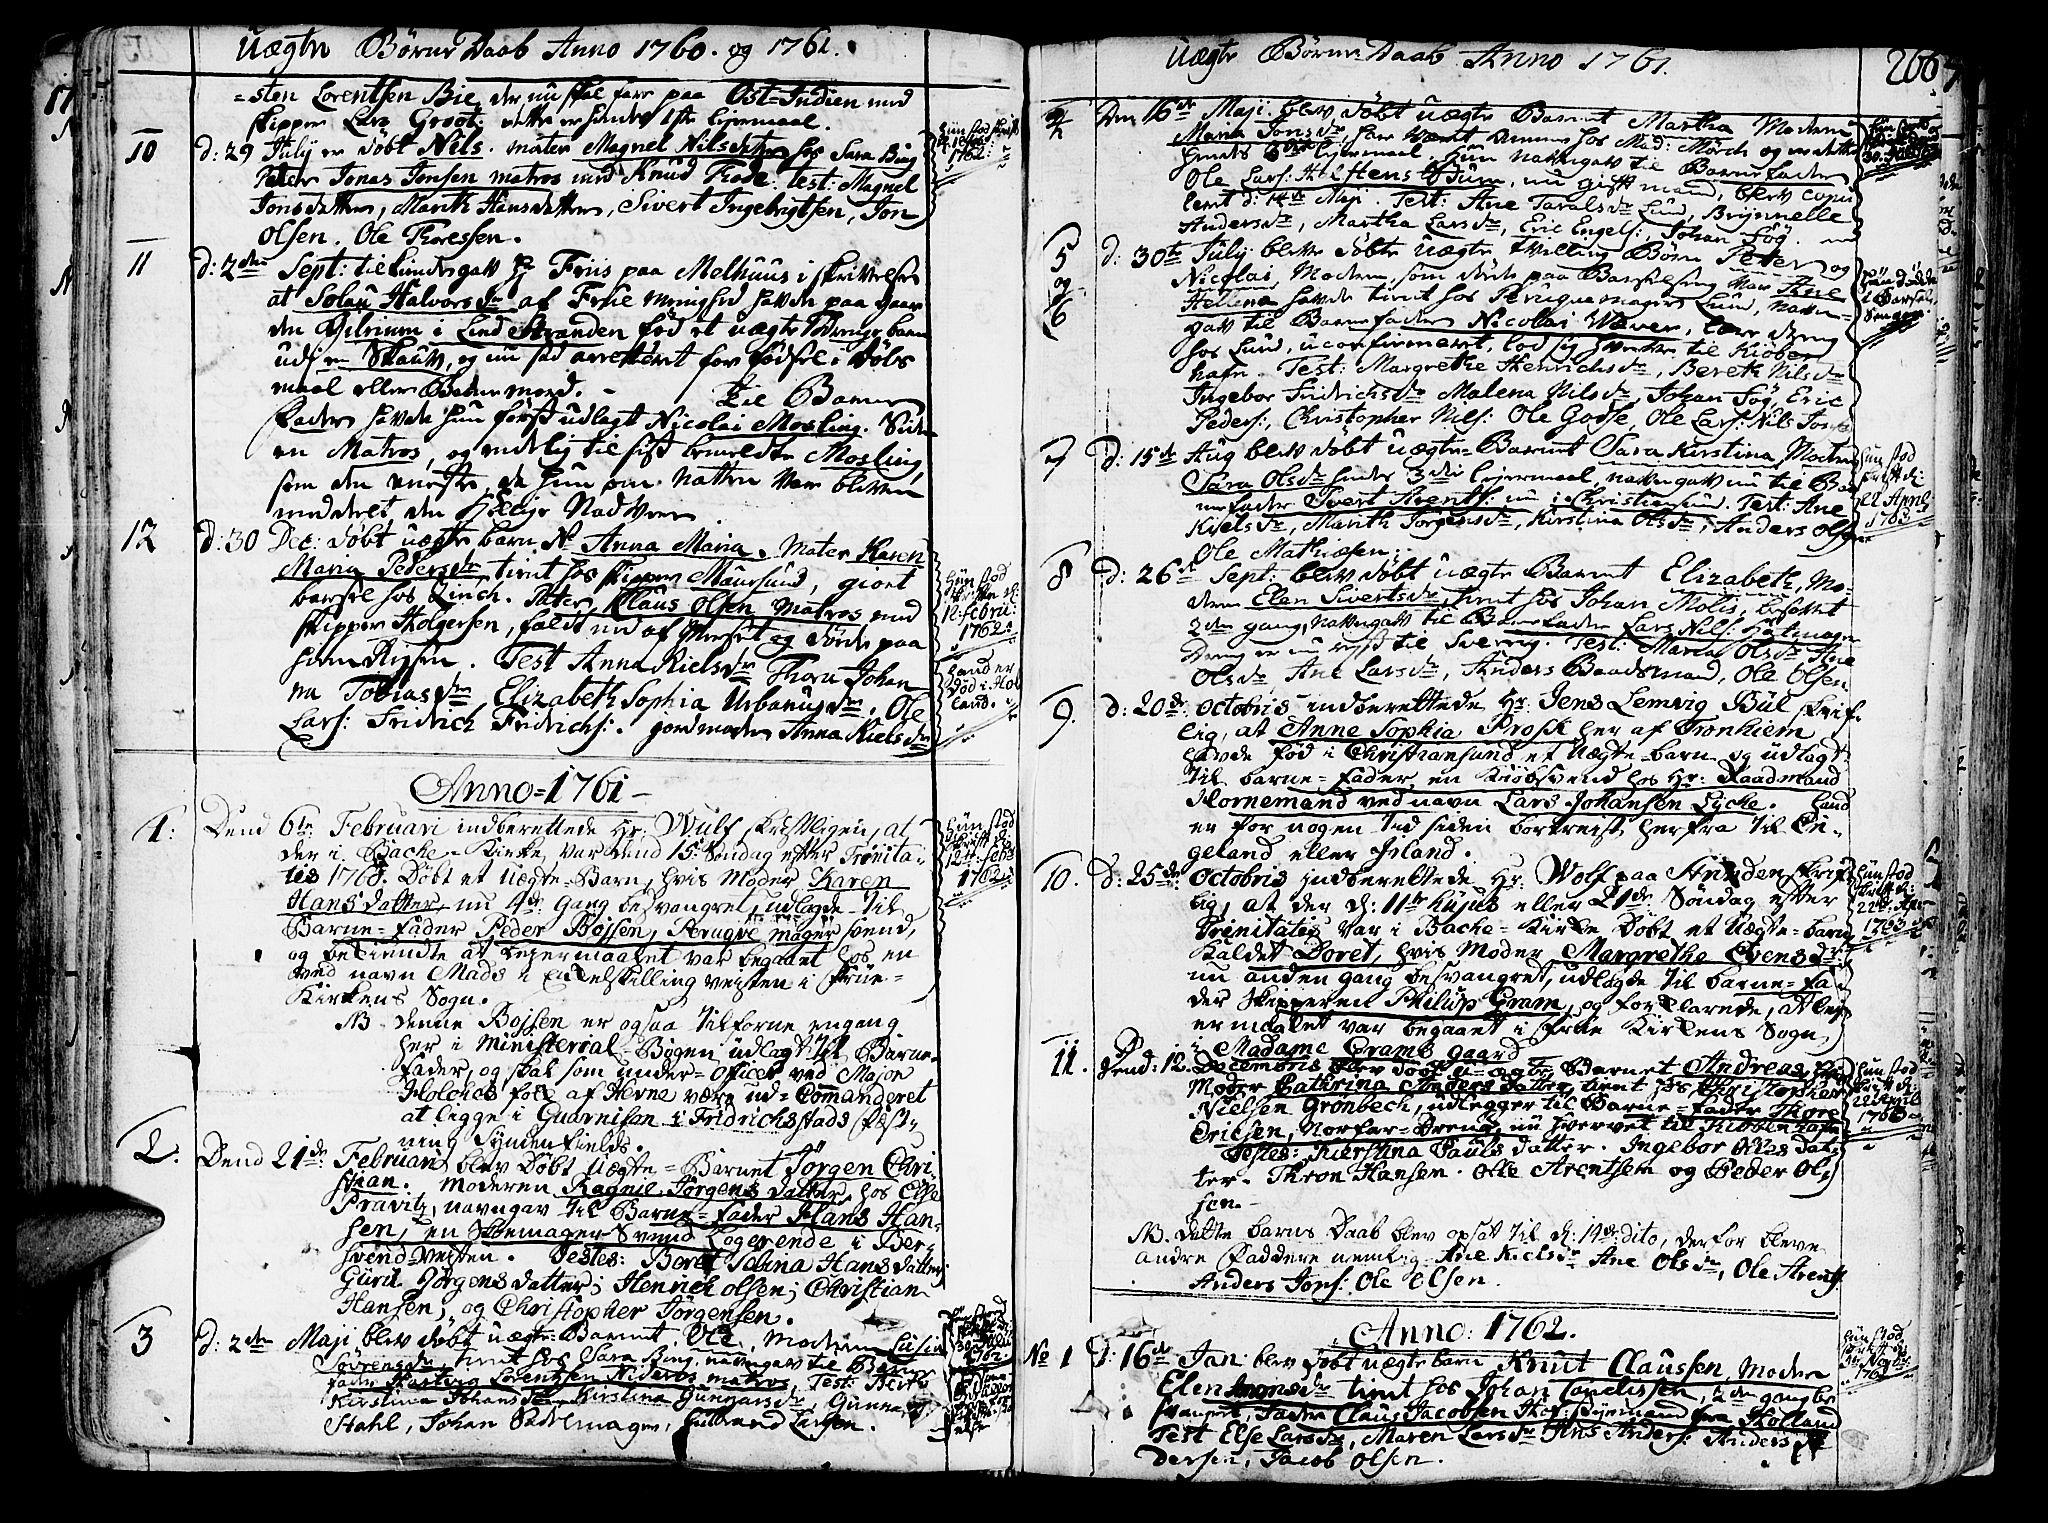 SAT, Ministerialprotokoller, klokkerbøker og fødselsregistre - Sør-Trøndelag, 602/L0103: Ministerialbok nr. 602A01, 1732-1774, s. 266